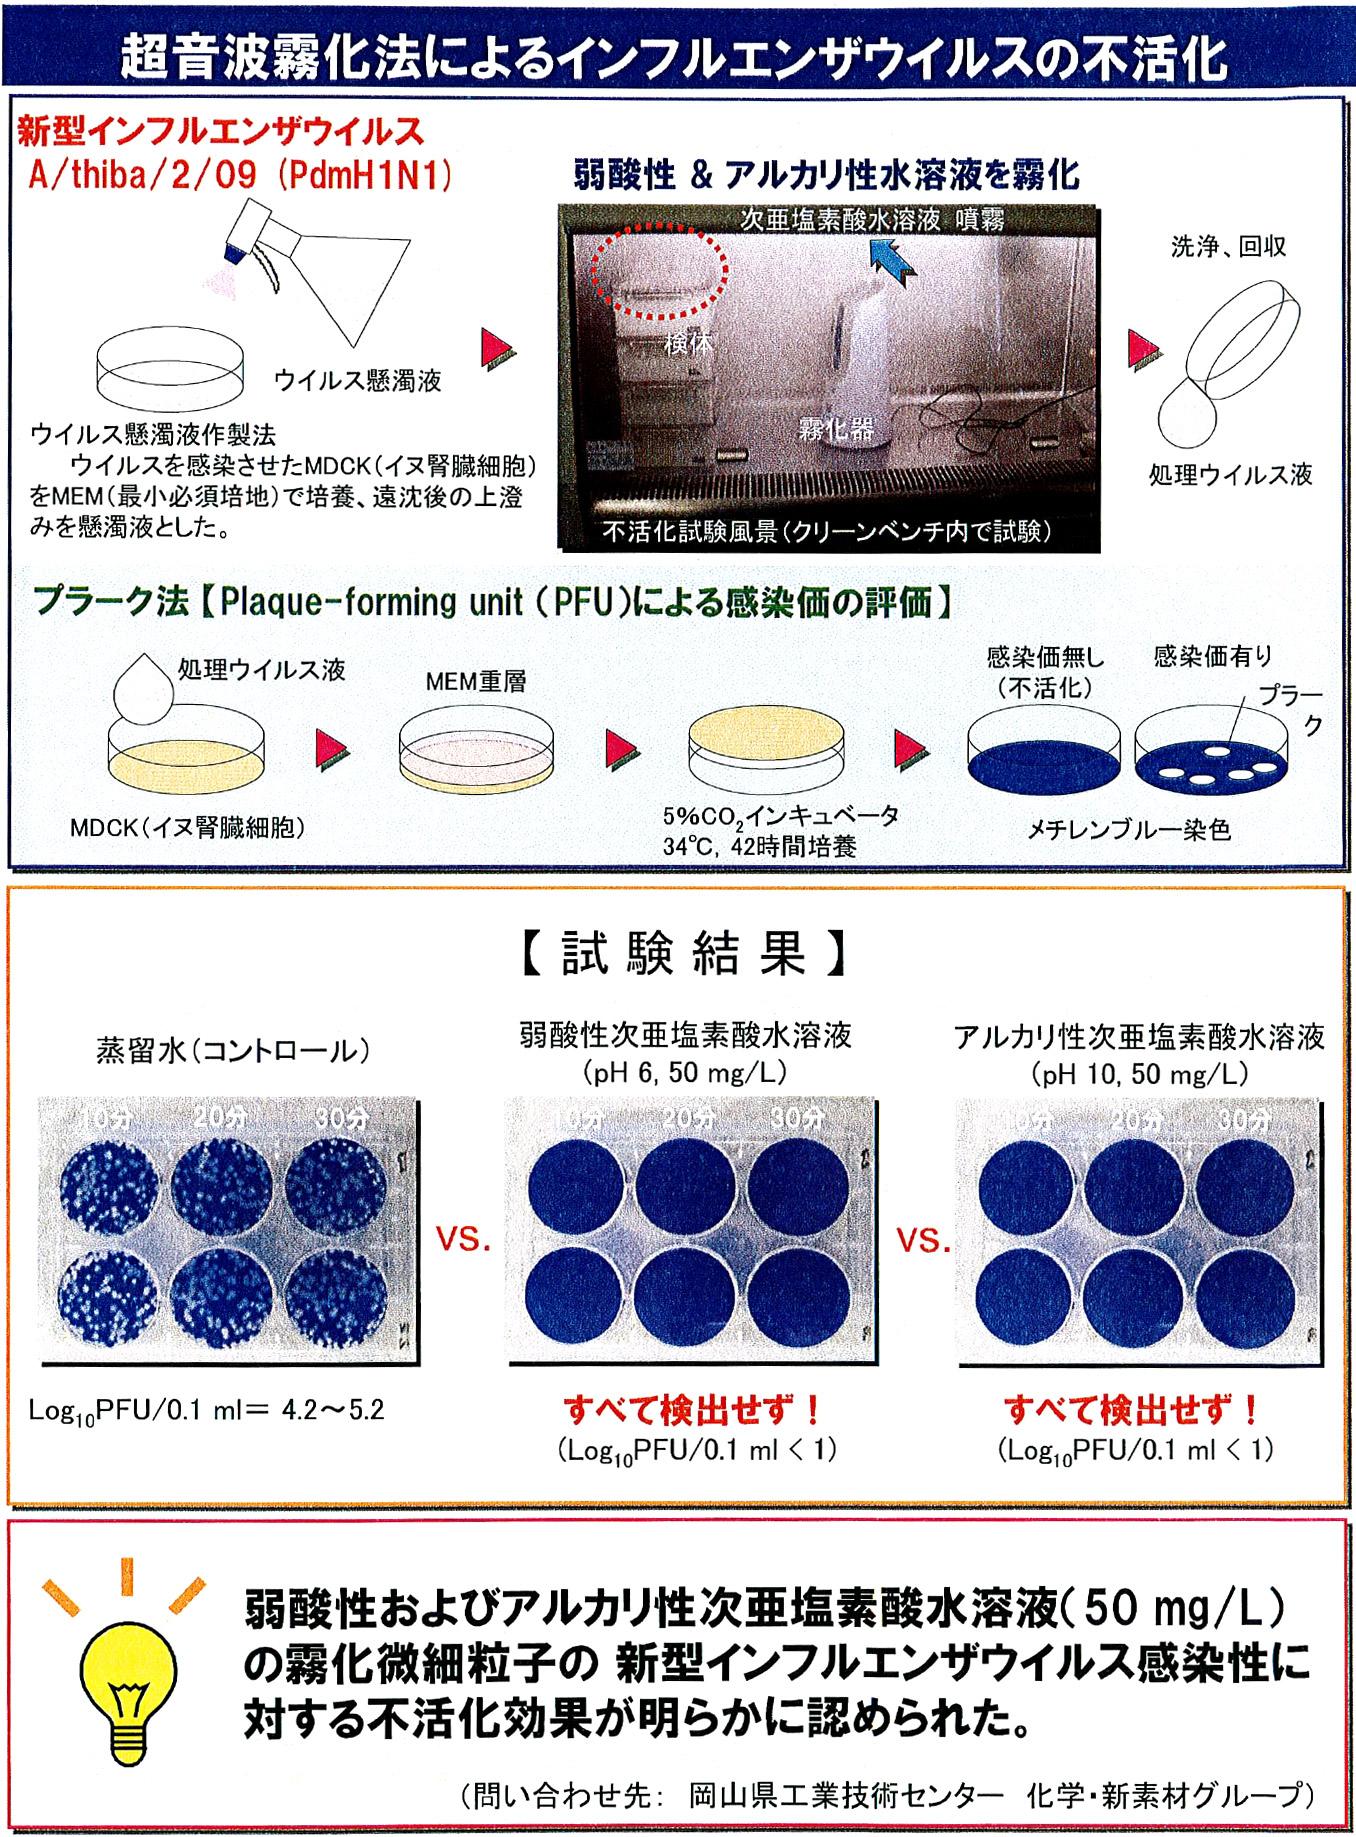 超音波霧化法によるインフルエンザウイルスの不活化